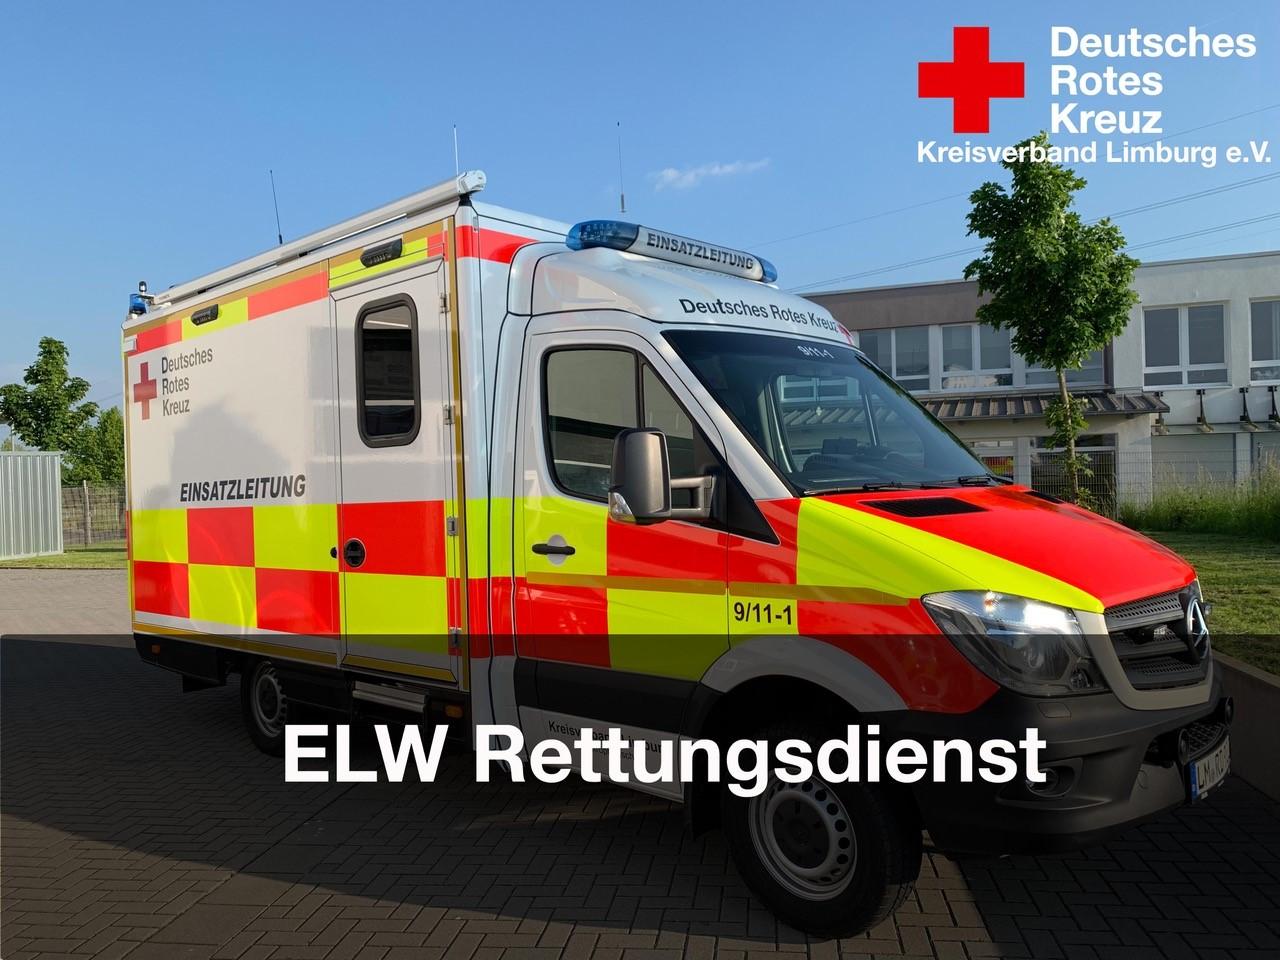 ELW1 Rettungsdienst